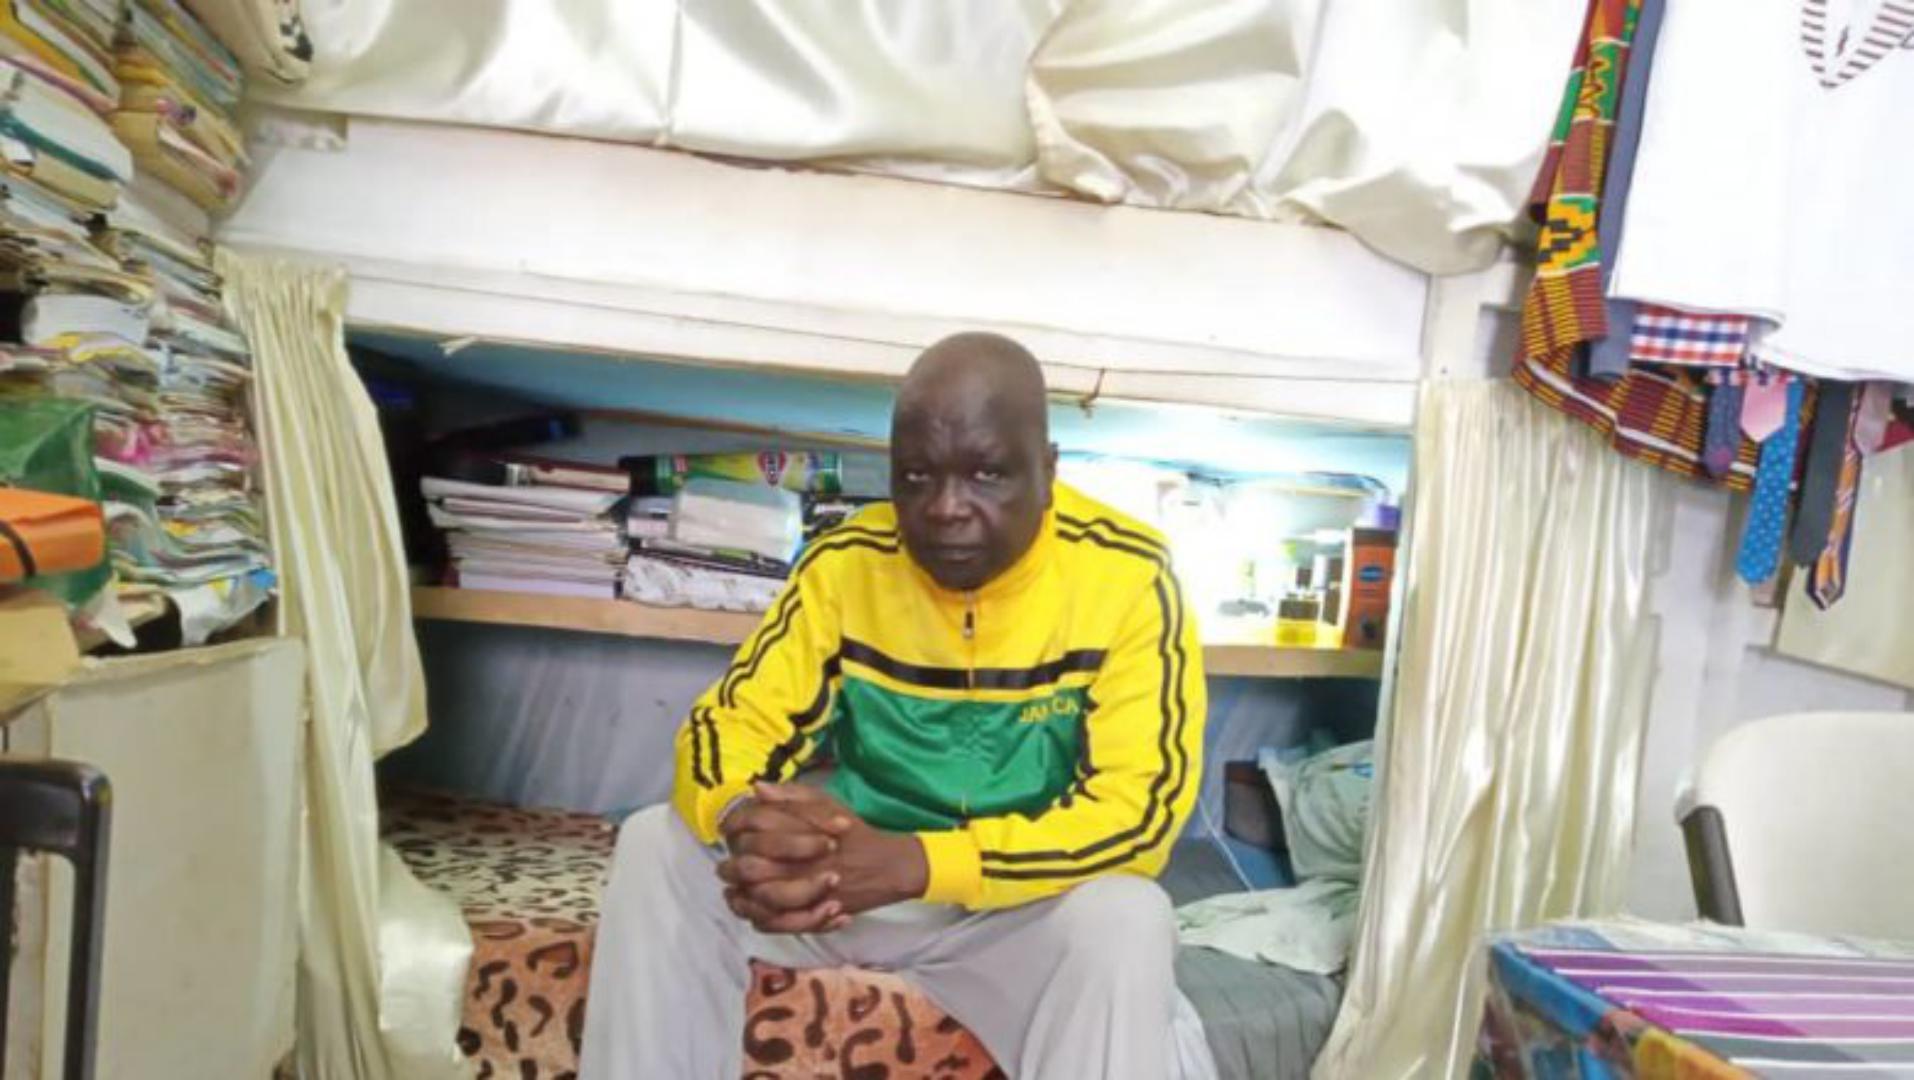 La cellule d'Amadou Vamouké perquisitionnée, ses téléphones et autres documents personnels emportés